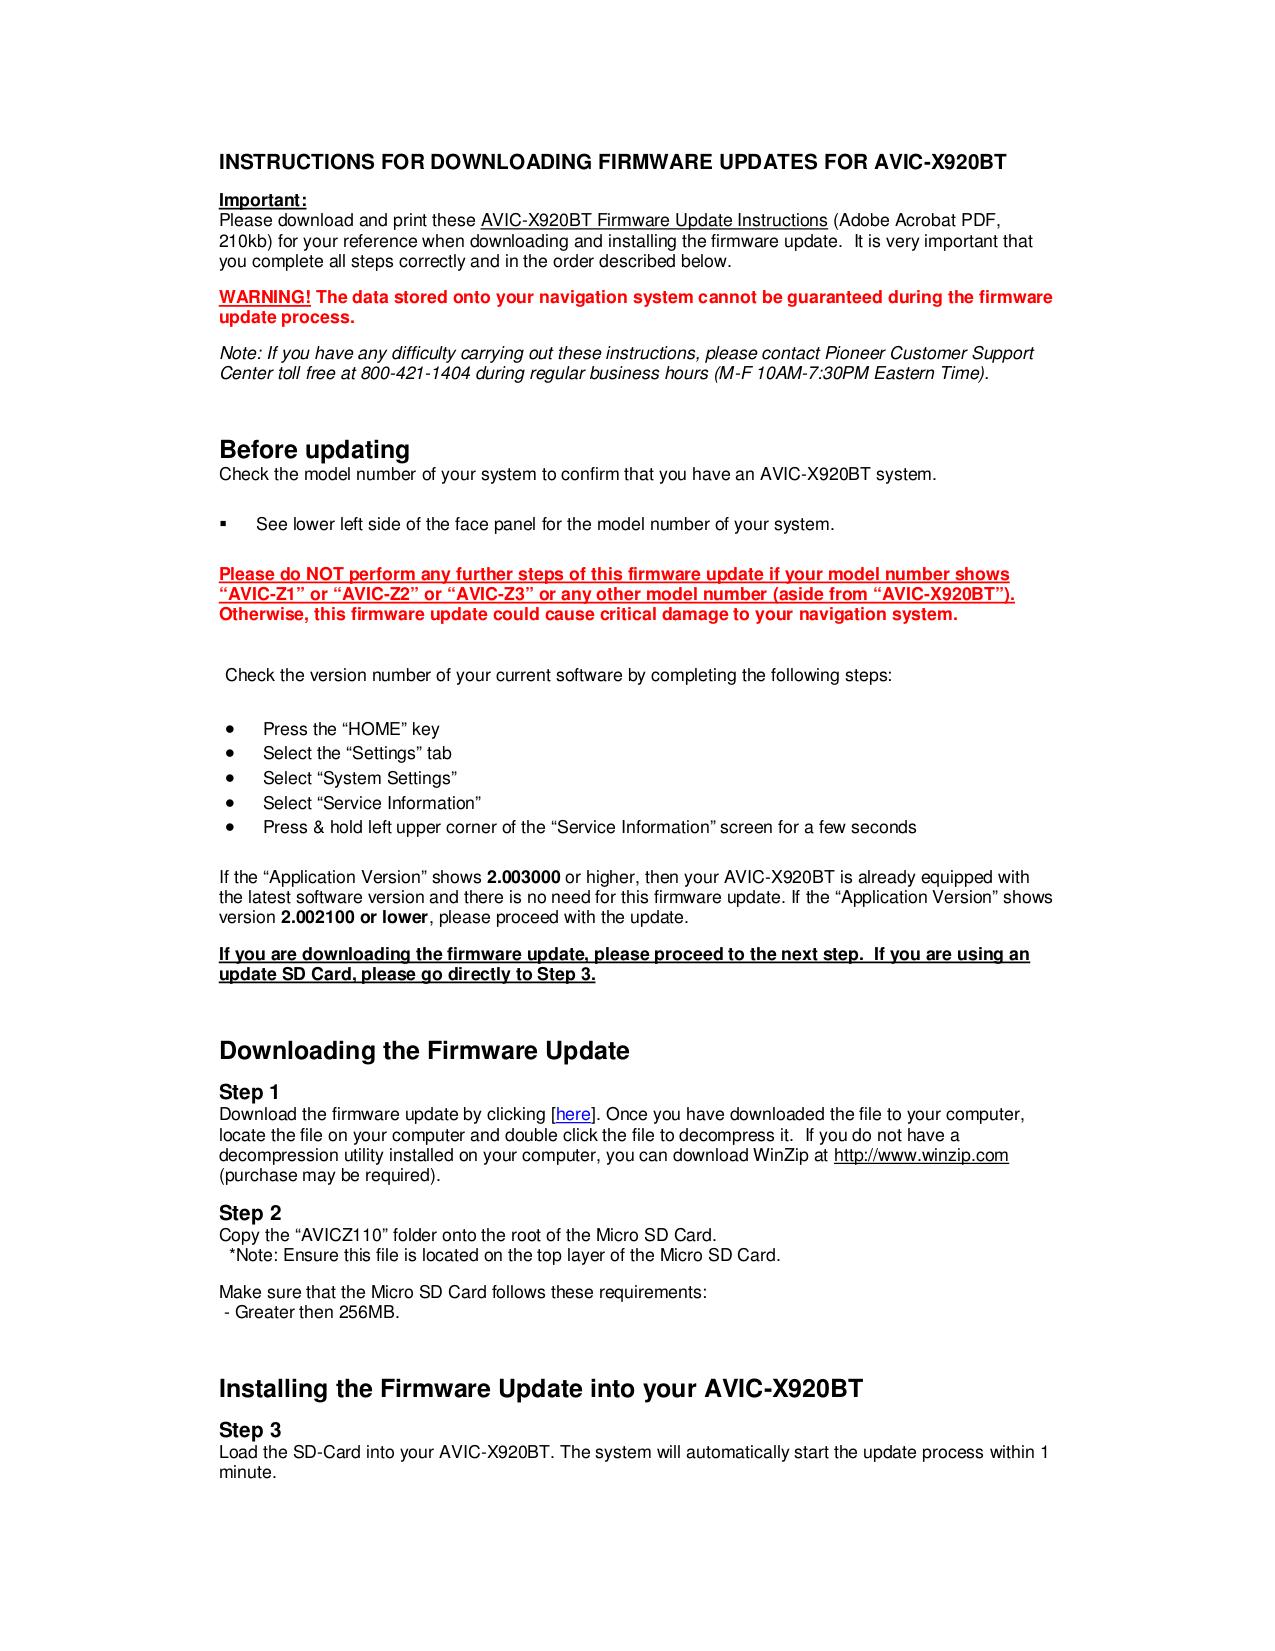 Pioneer avic x920bt firmware update.